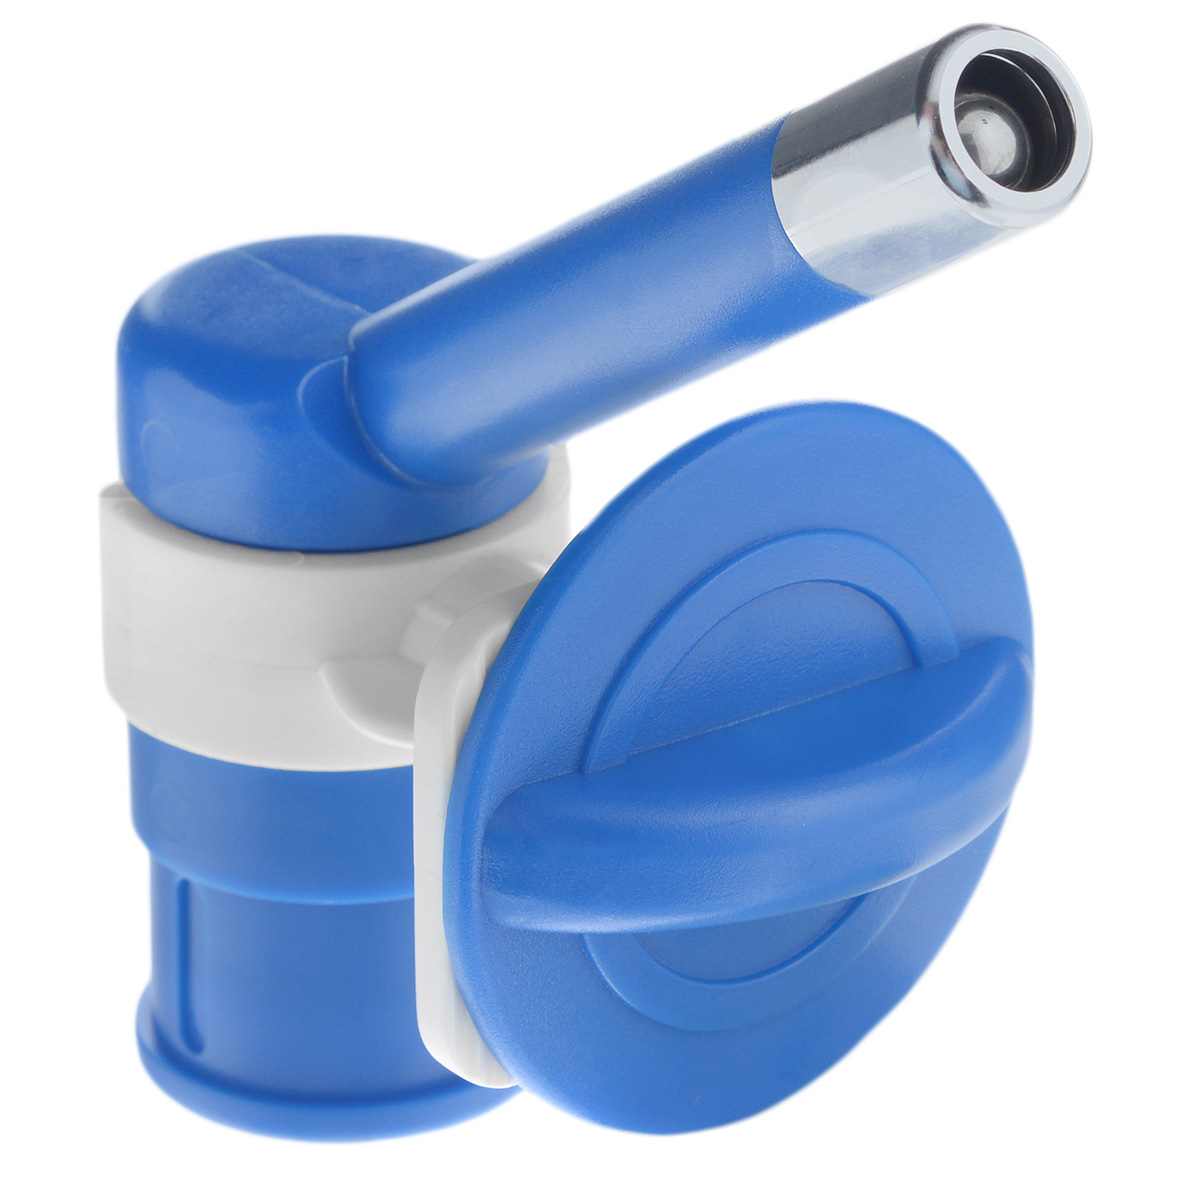 Автопоилка для животных, универсальная, цвет: синий378Автопоилка универсальная с шариковым механизмом, изготовленная из ABS пластика и нержавеющей стали, позволяет получать оптимальные порции жидкости в экономном режиме. Подходит для мелких животных. Автопоилка крепится на клетку. Подходит под любые ПЭТ бутылки.